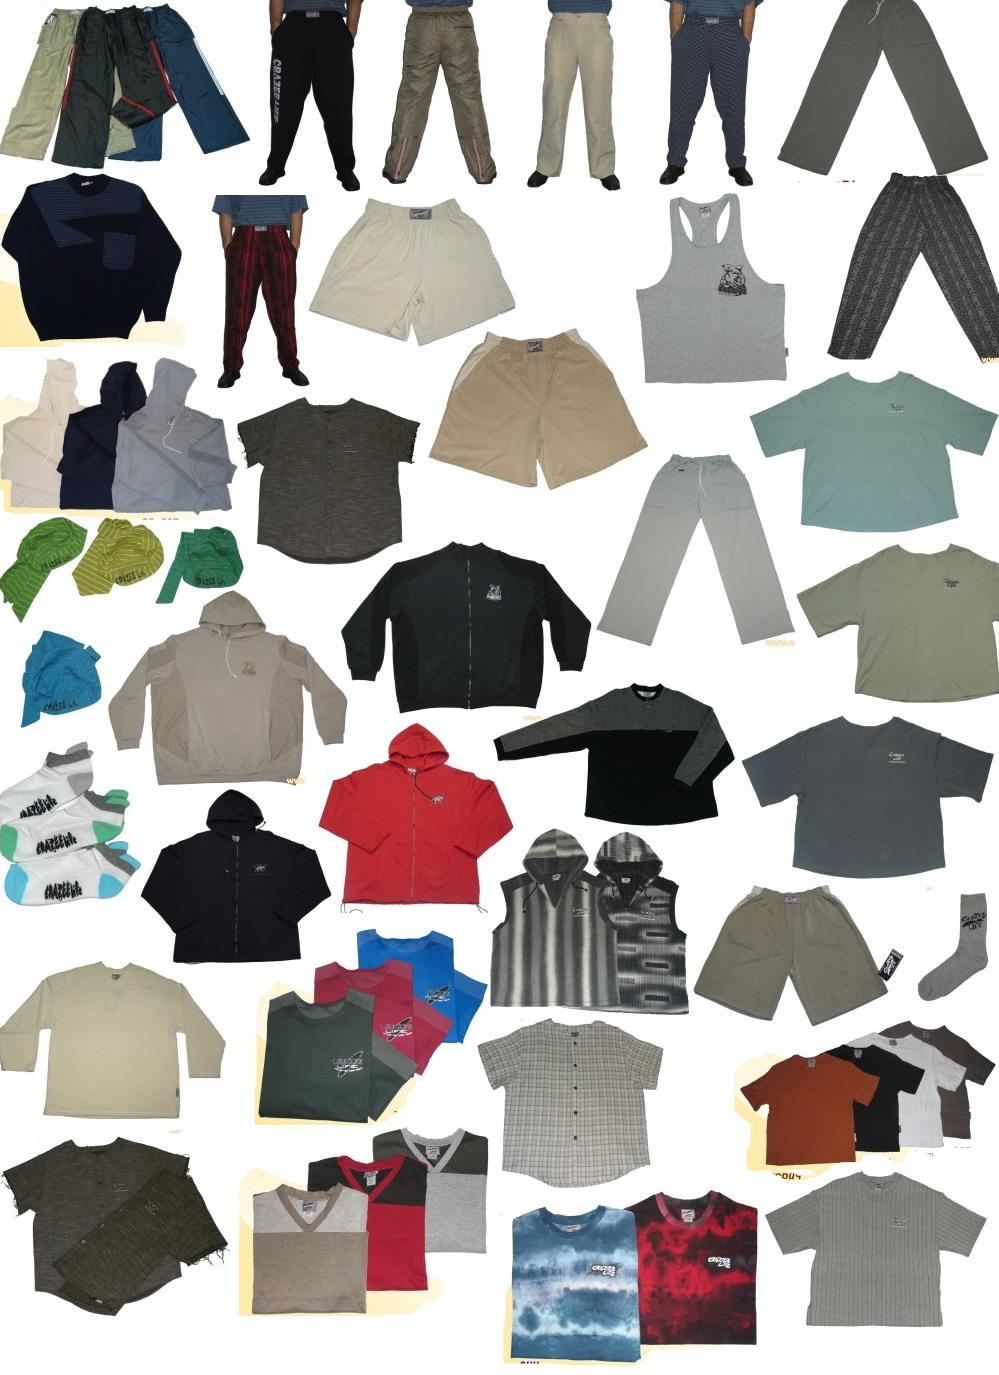 одежда картинки: